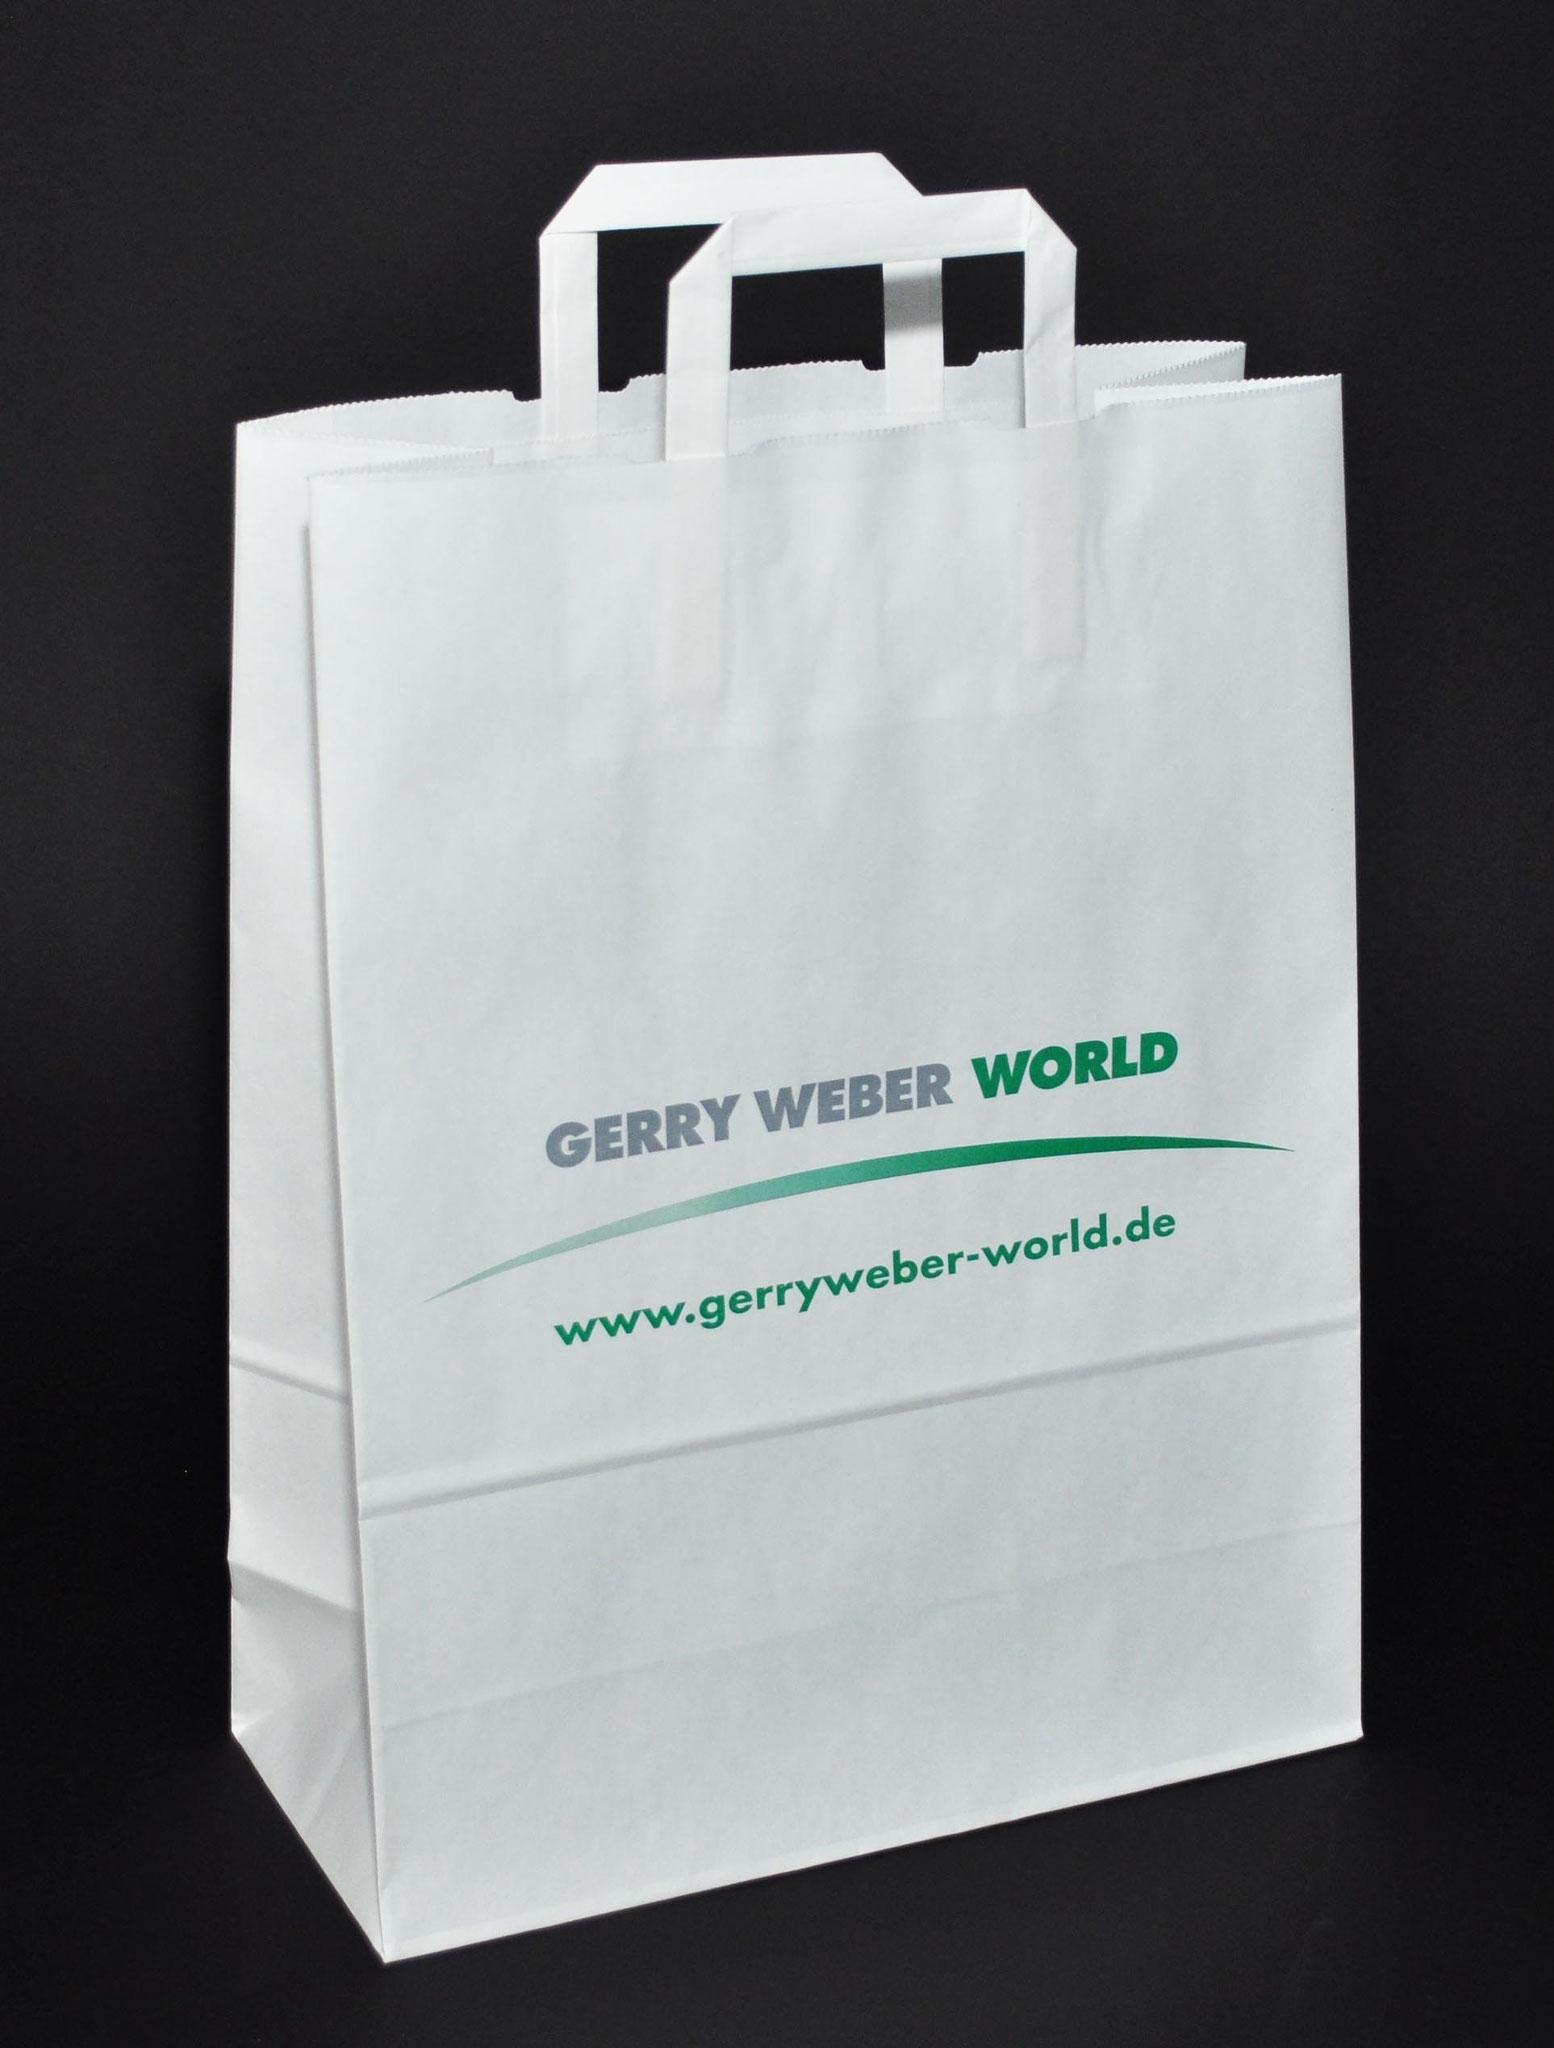 Papier Weiß-Kraft, Flexodruck in Grau und Grün